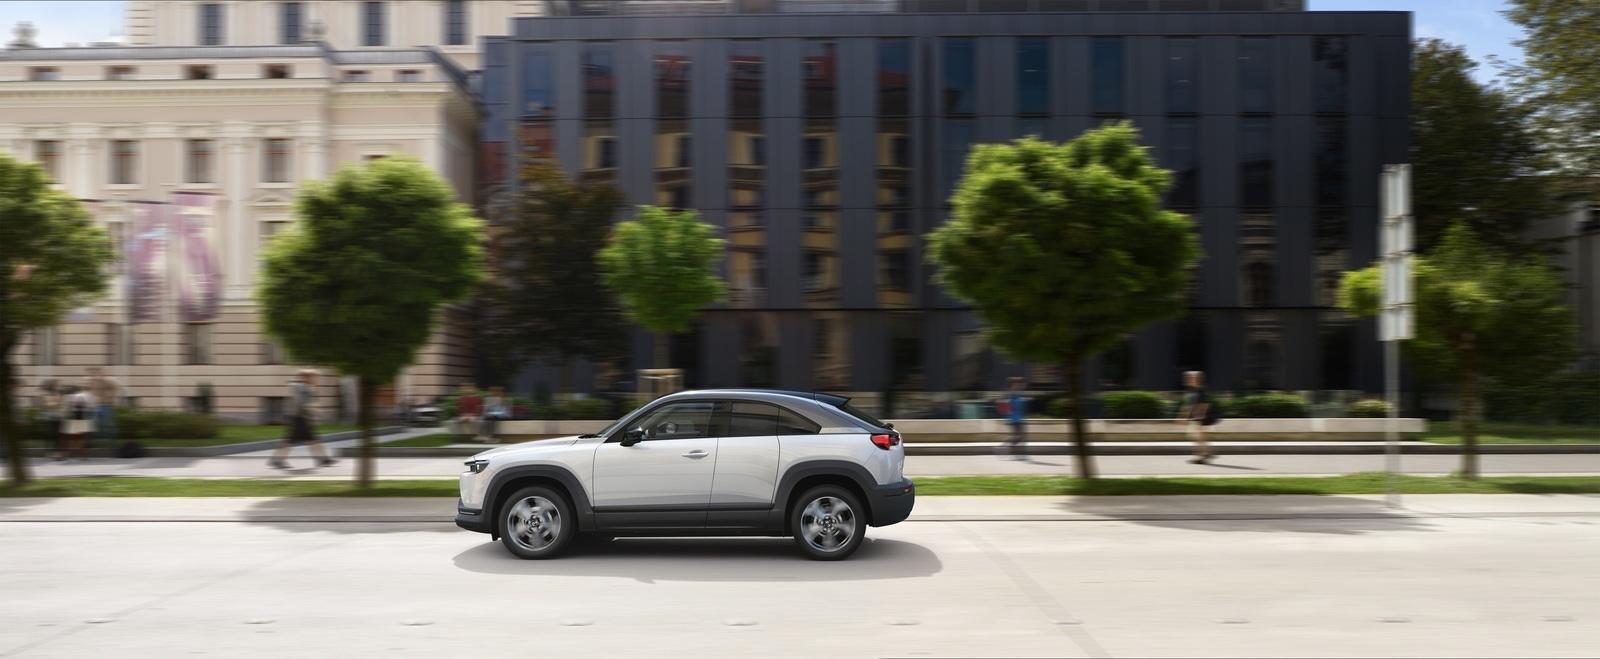 xe Mazda MX-30 2021 đang di chuyển